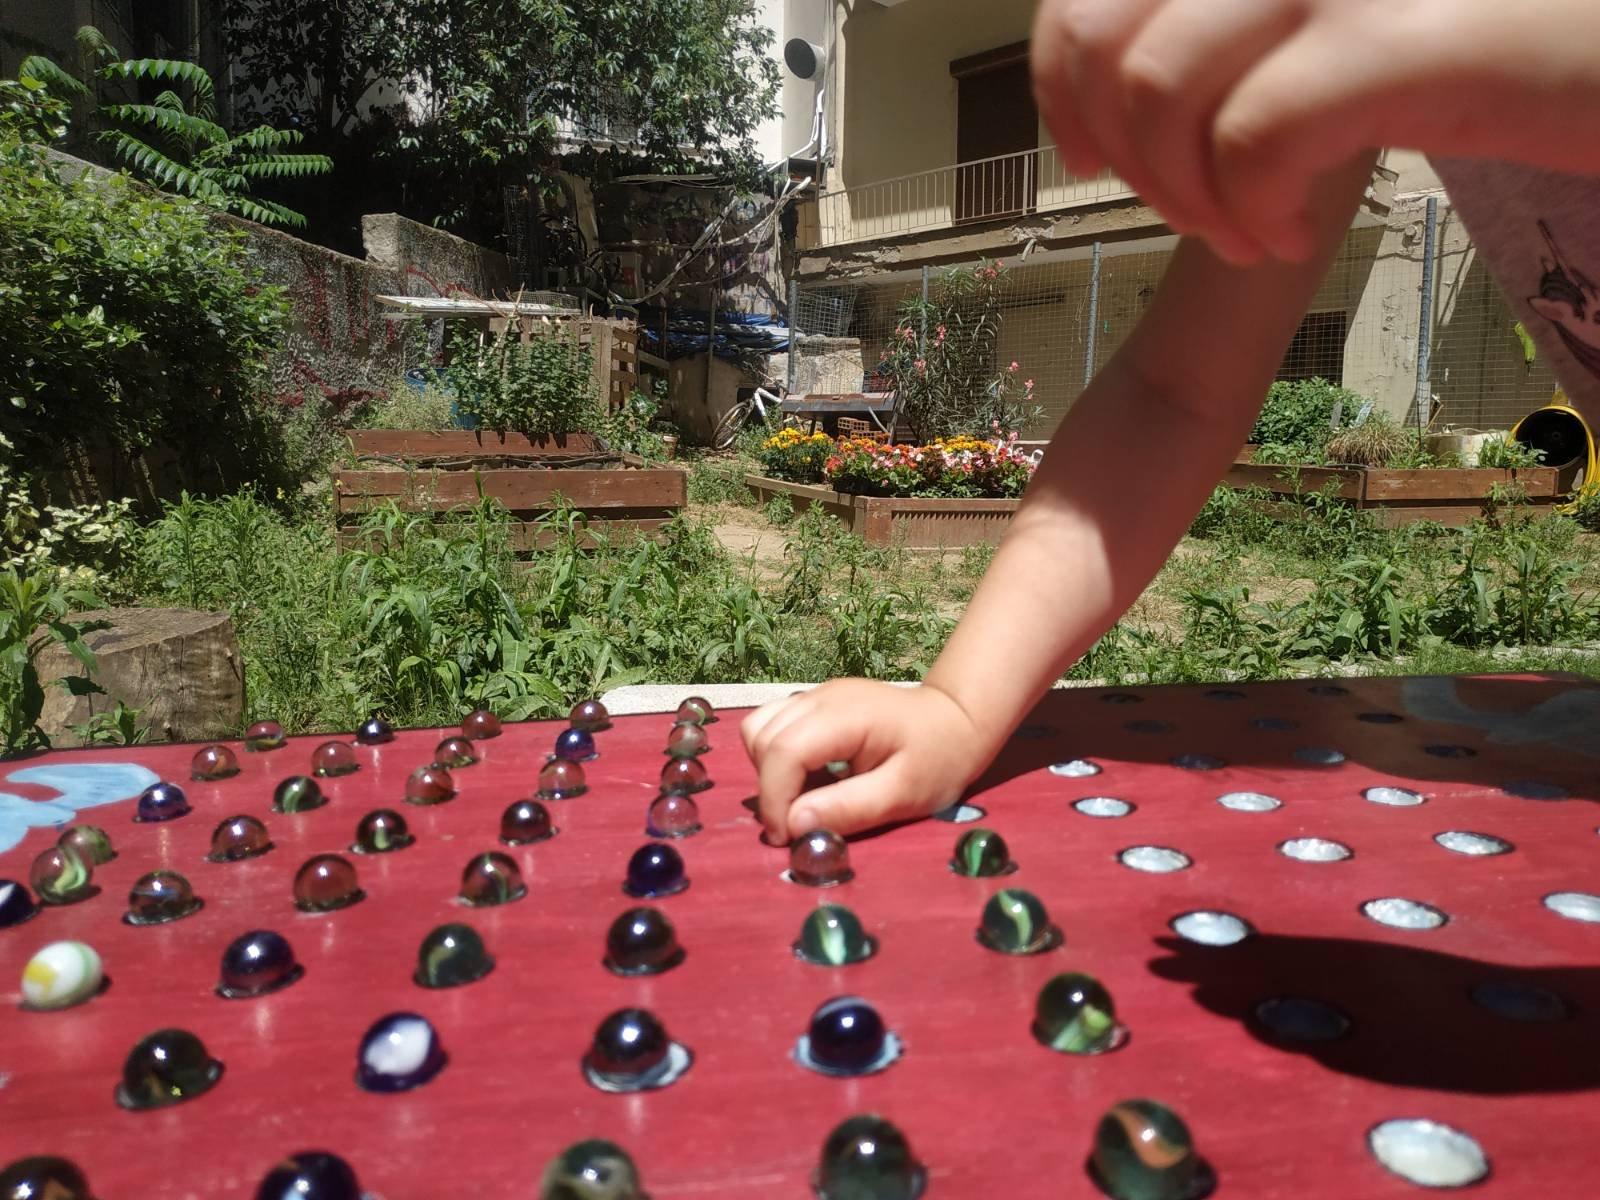 Kαρέ από τις γειτονιές της Άλλης Θεσσαλονίκης που παραμένει στο παιχνίδι…